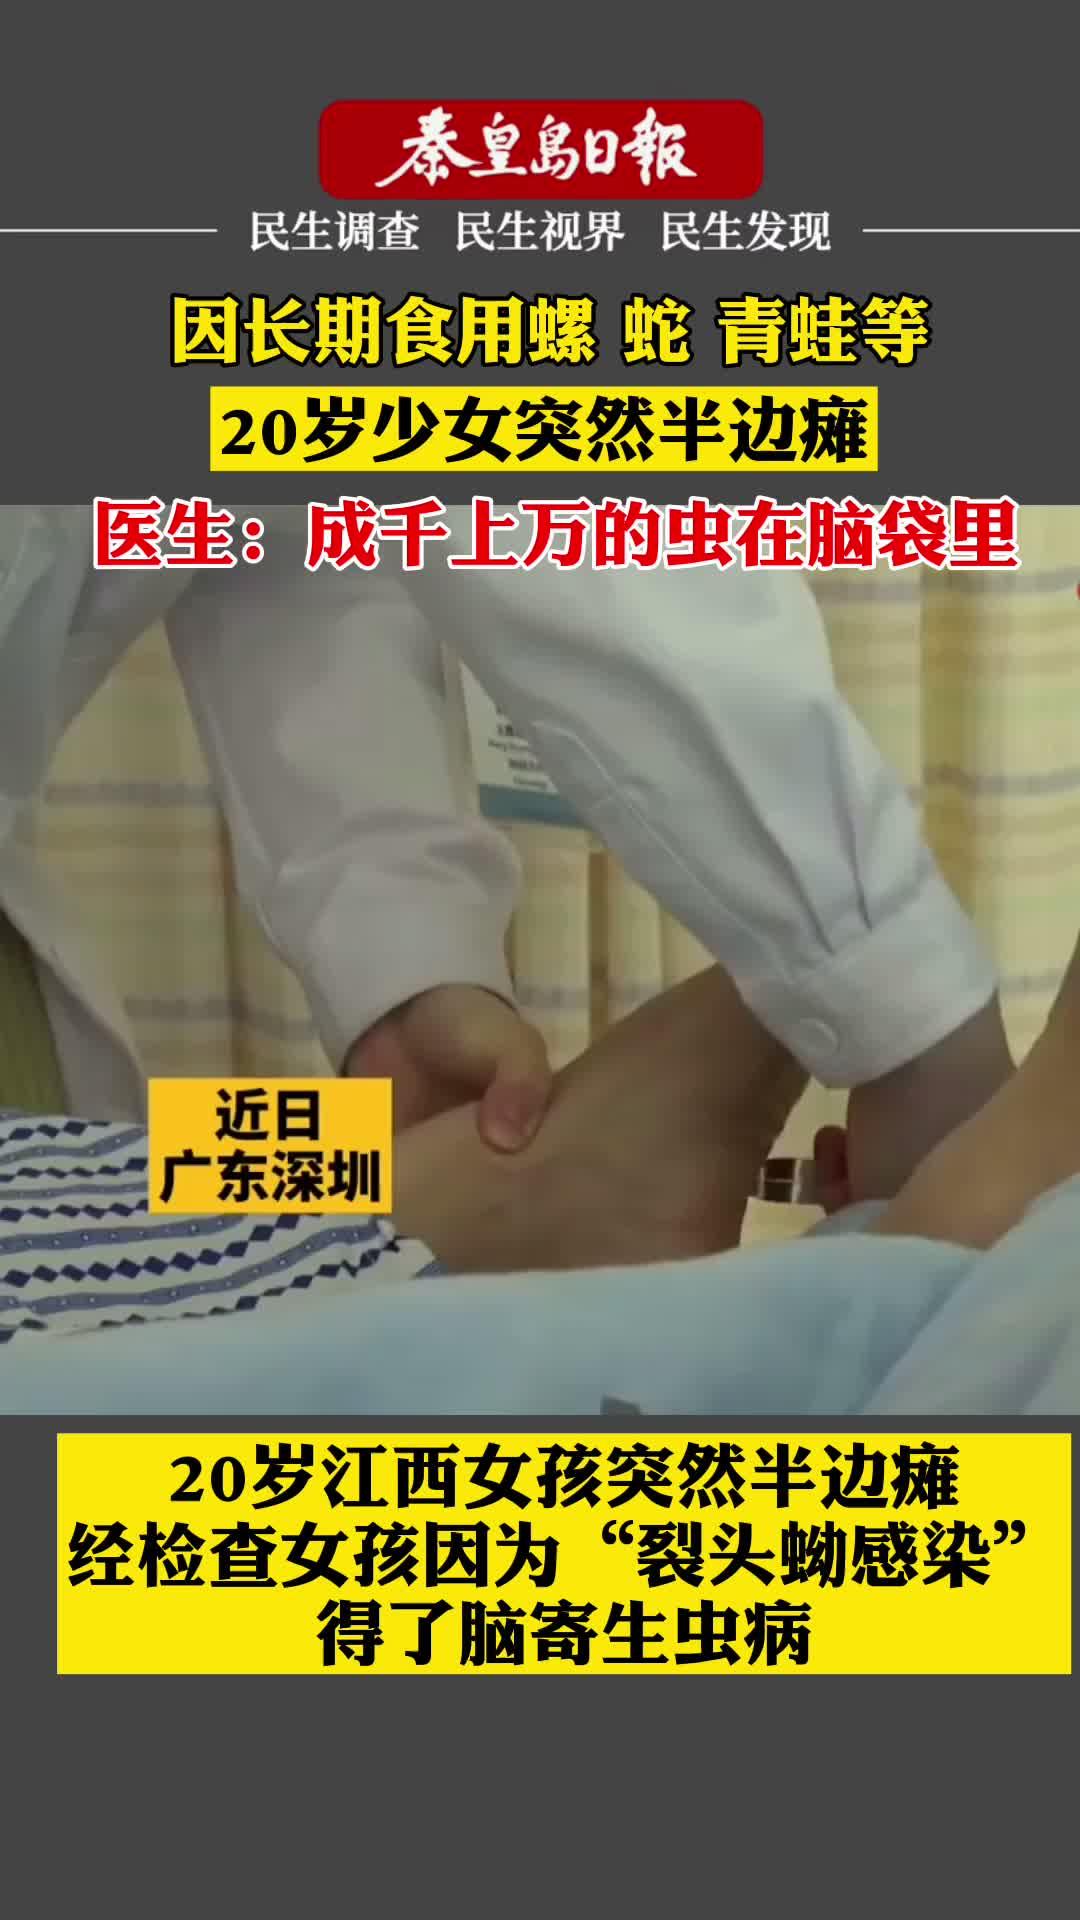 秦皇岛日报数字传播: 因长期食用螺 青蛙 蛇等,20岁少女突然半边瘫成千上万的虫在脑袋里